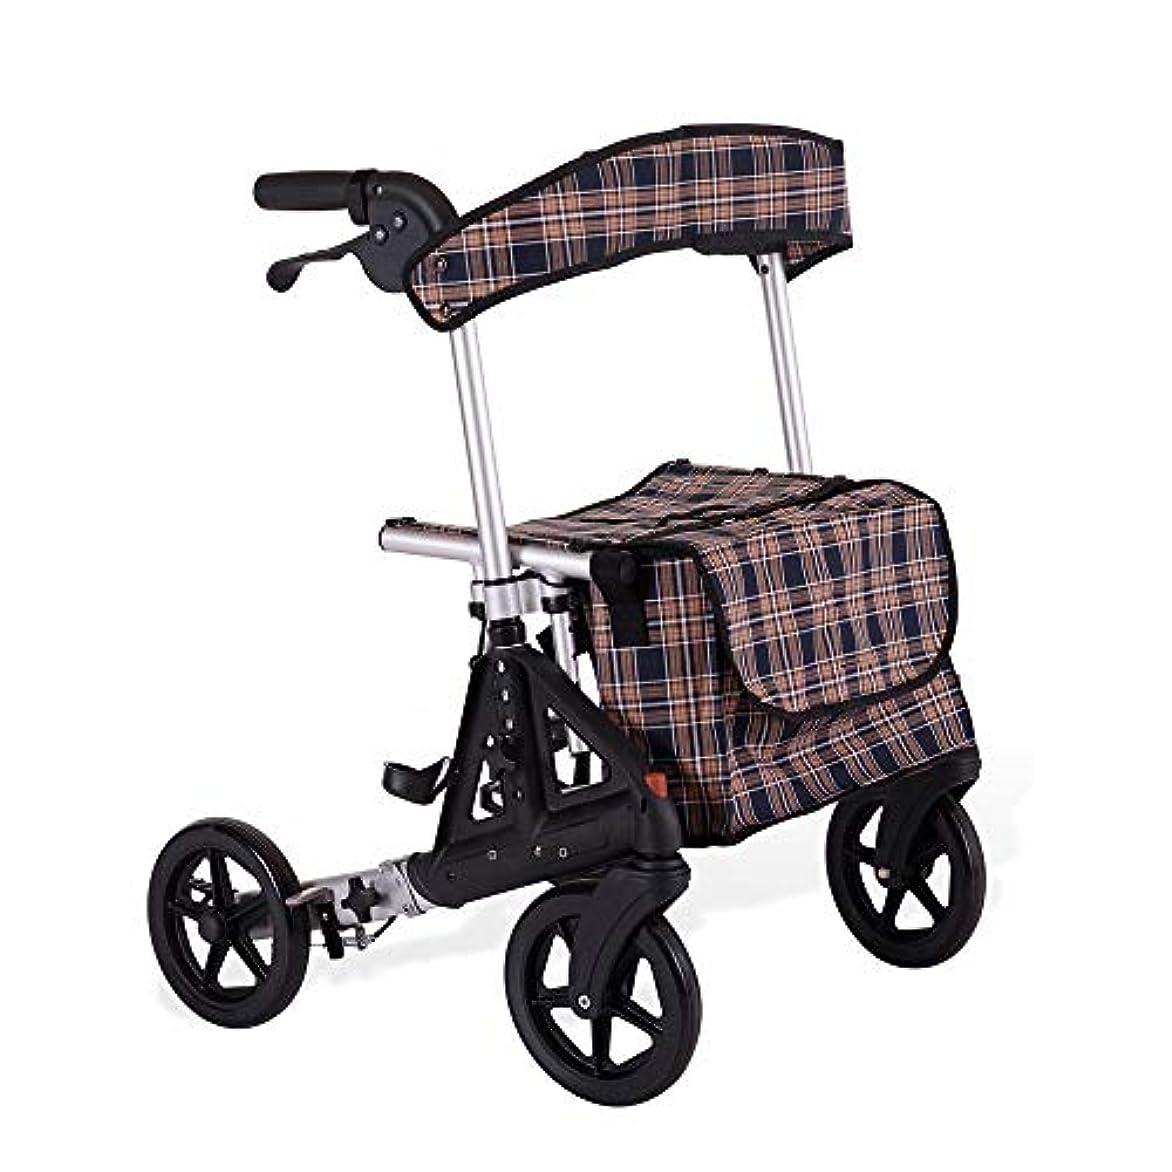 短命基礎インスタンスパッド入りシート、ロック可能なブレーキ、人間工学に基づいたハンドル、キャリーバッグを備えた軽量折りたたみ式四輪歩行器